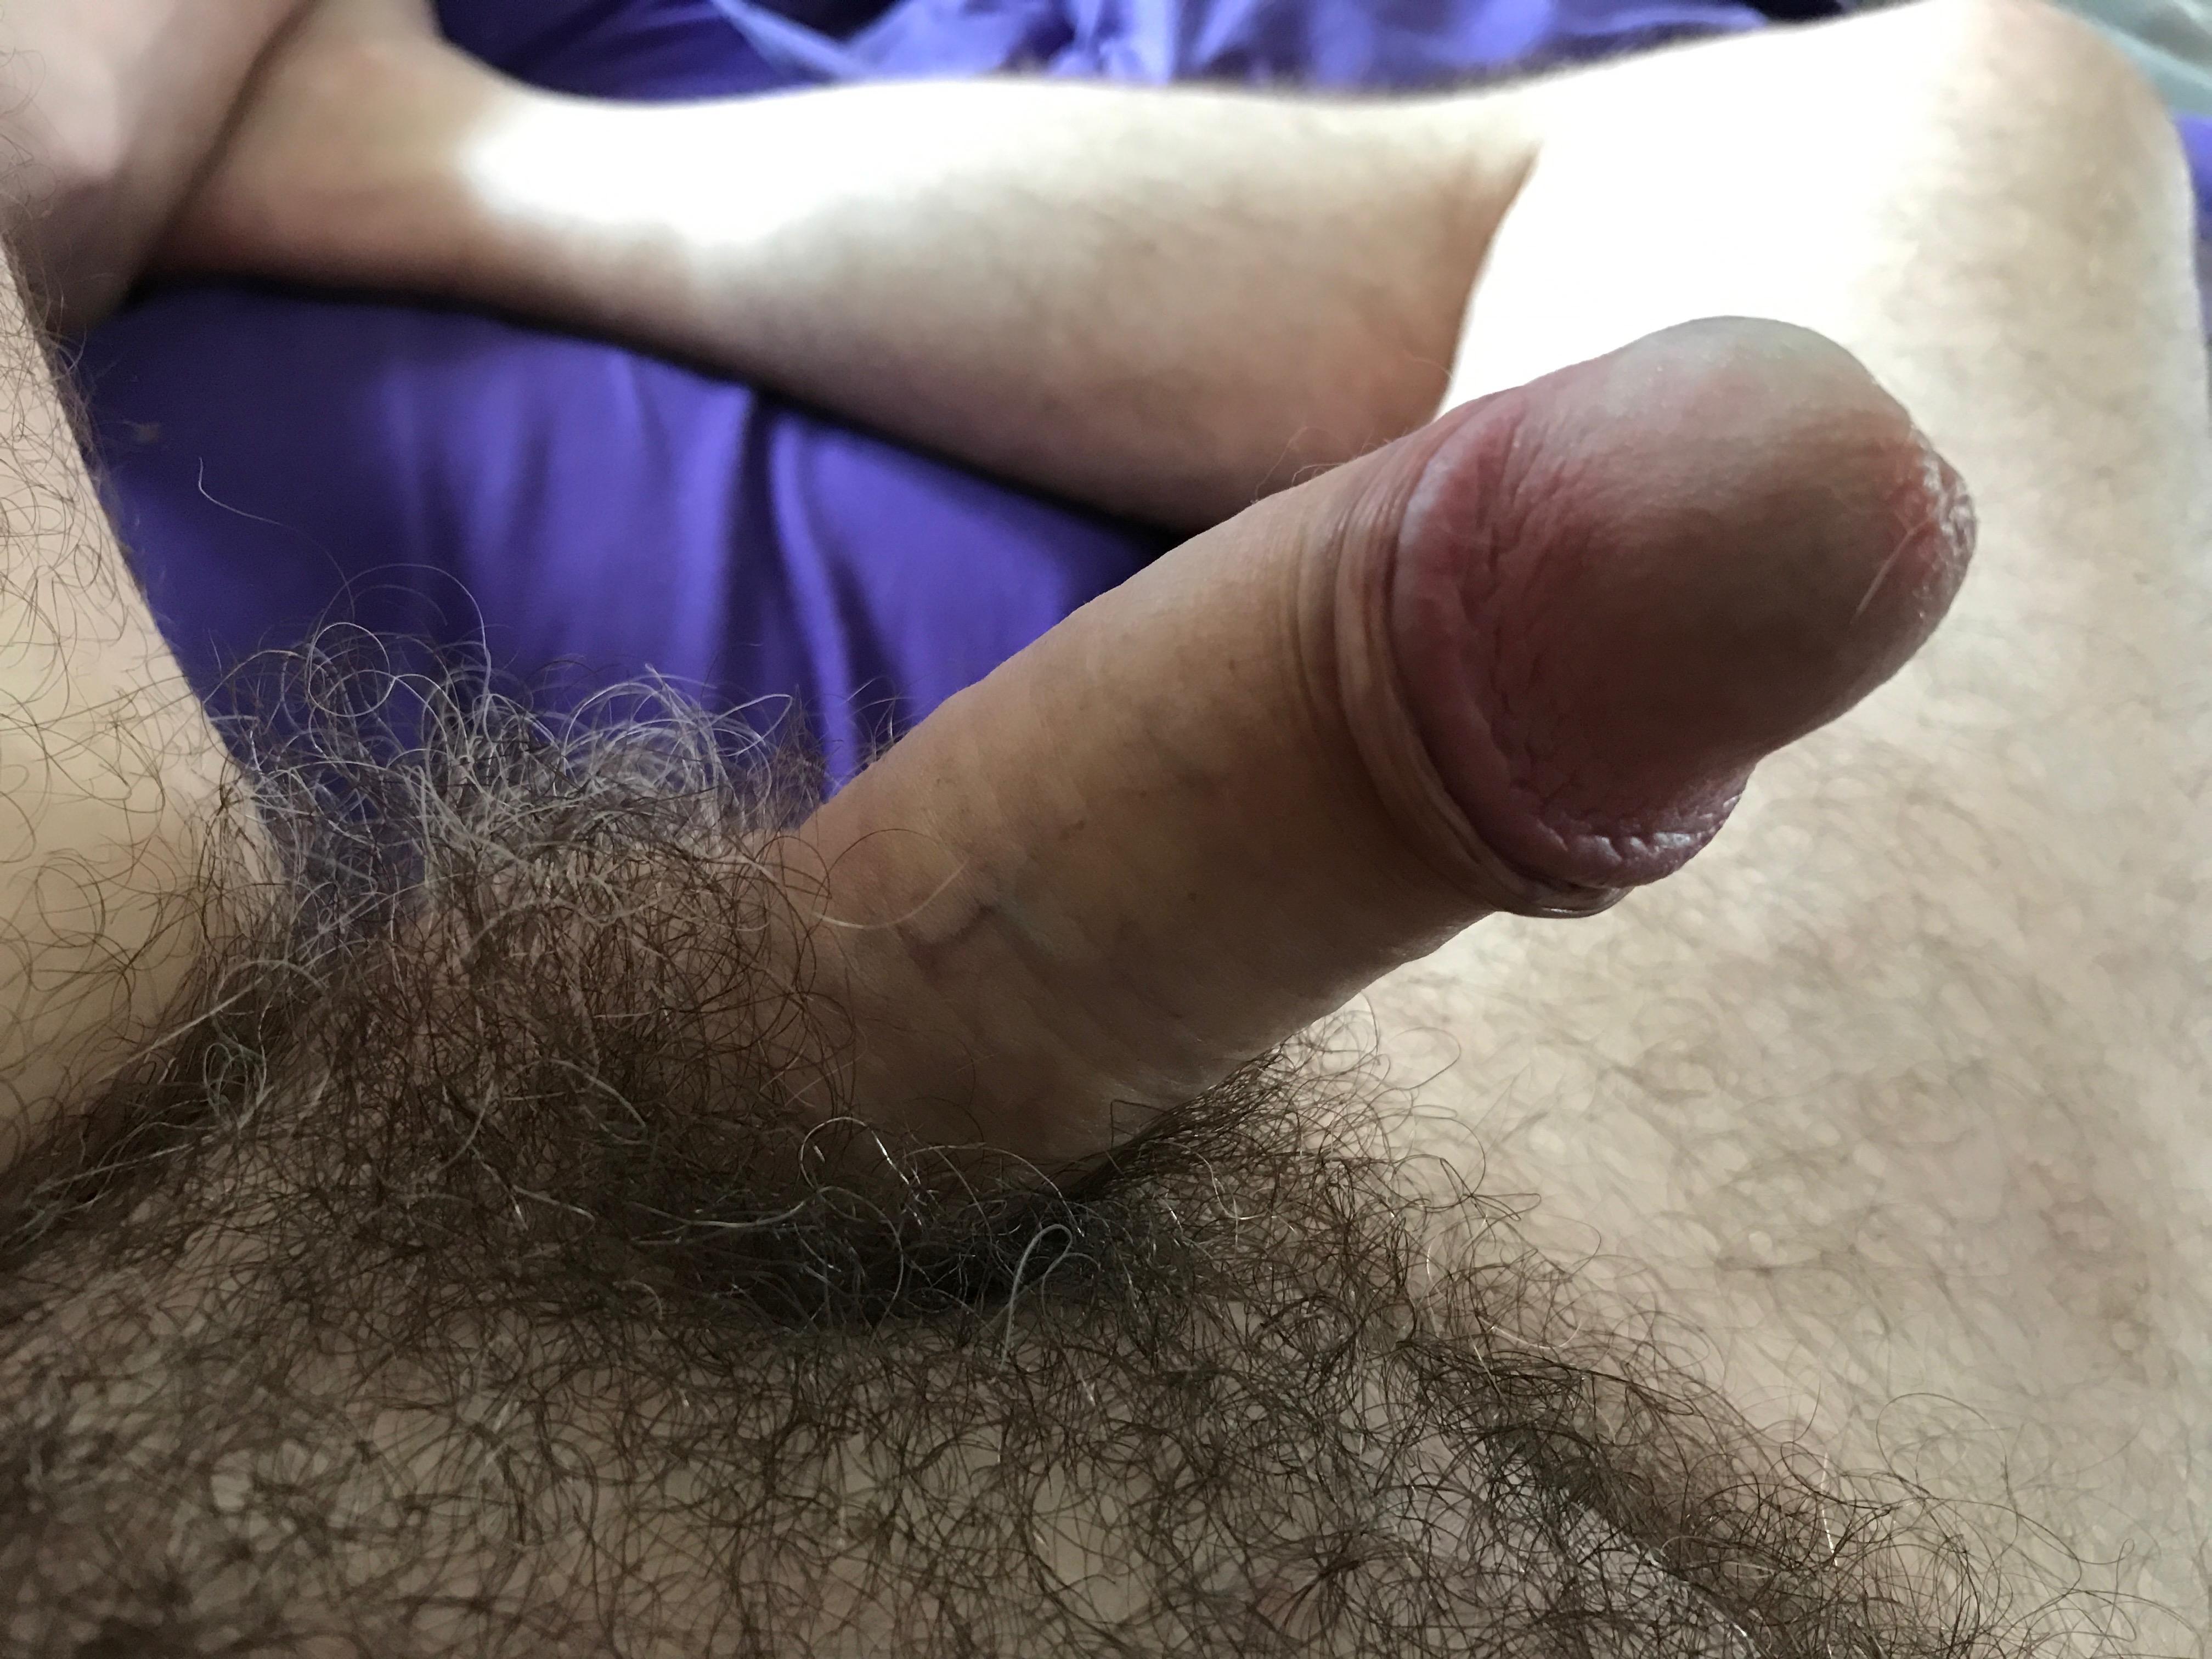 penisluvr54